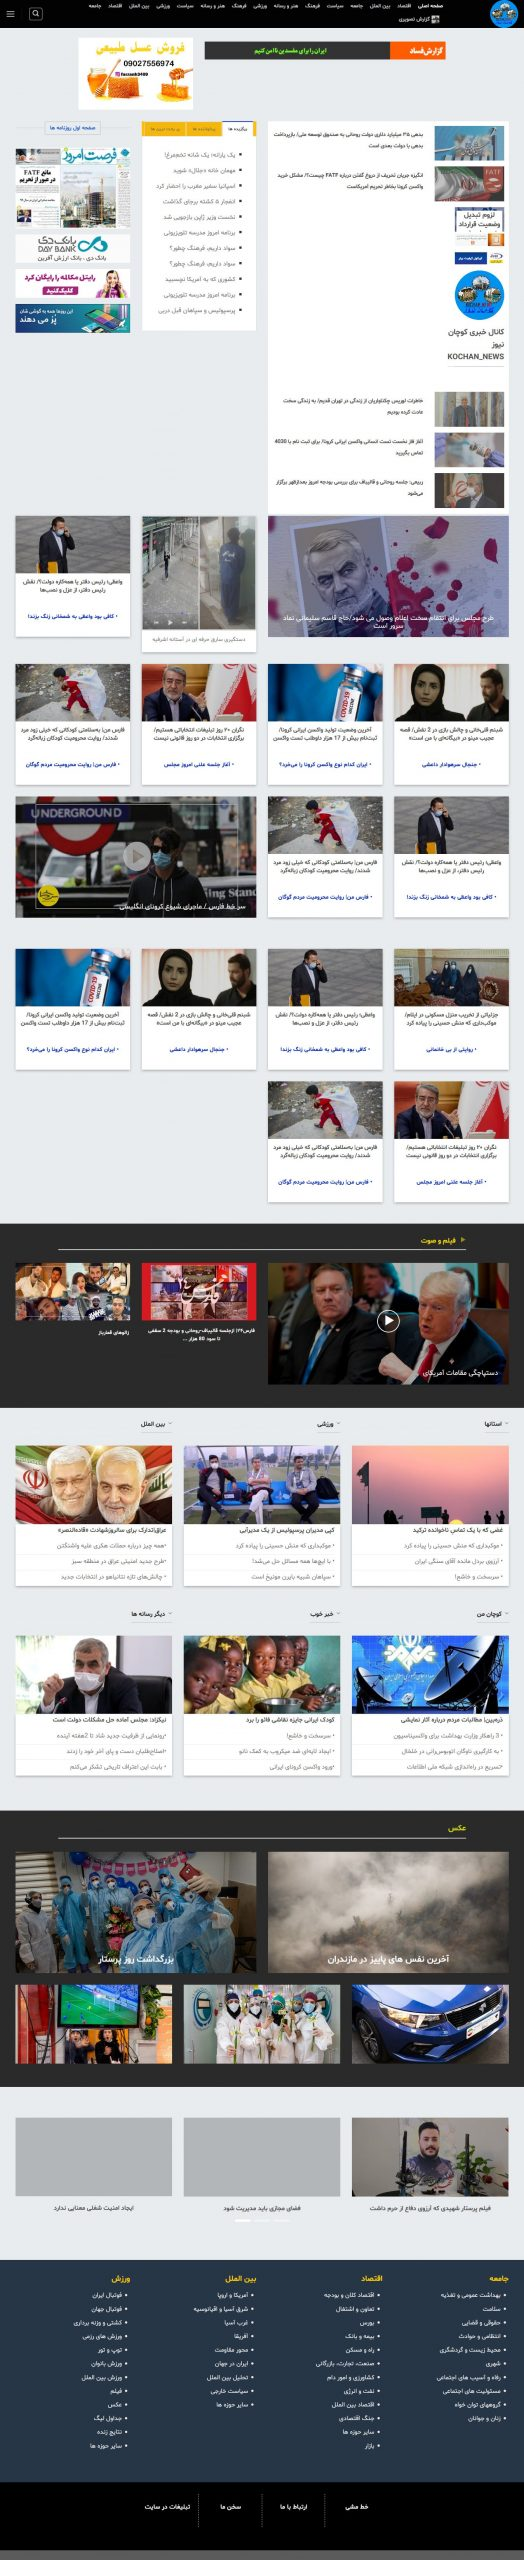 رسانه خبری کوچان نیوز